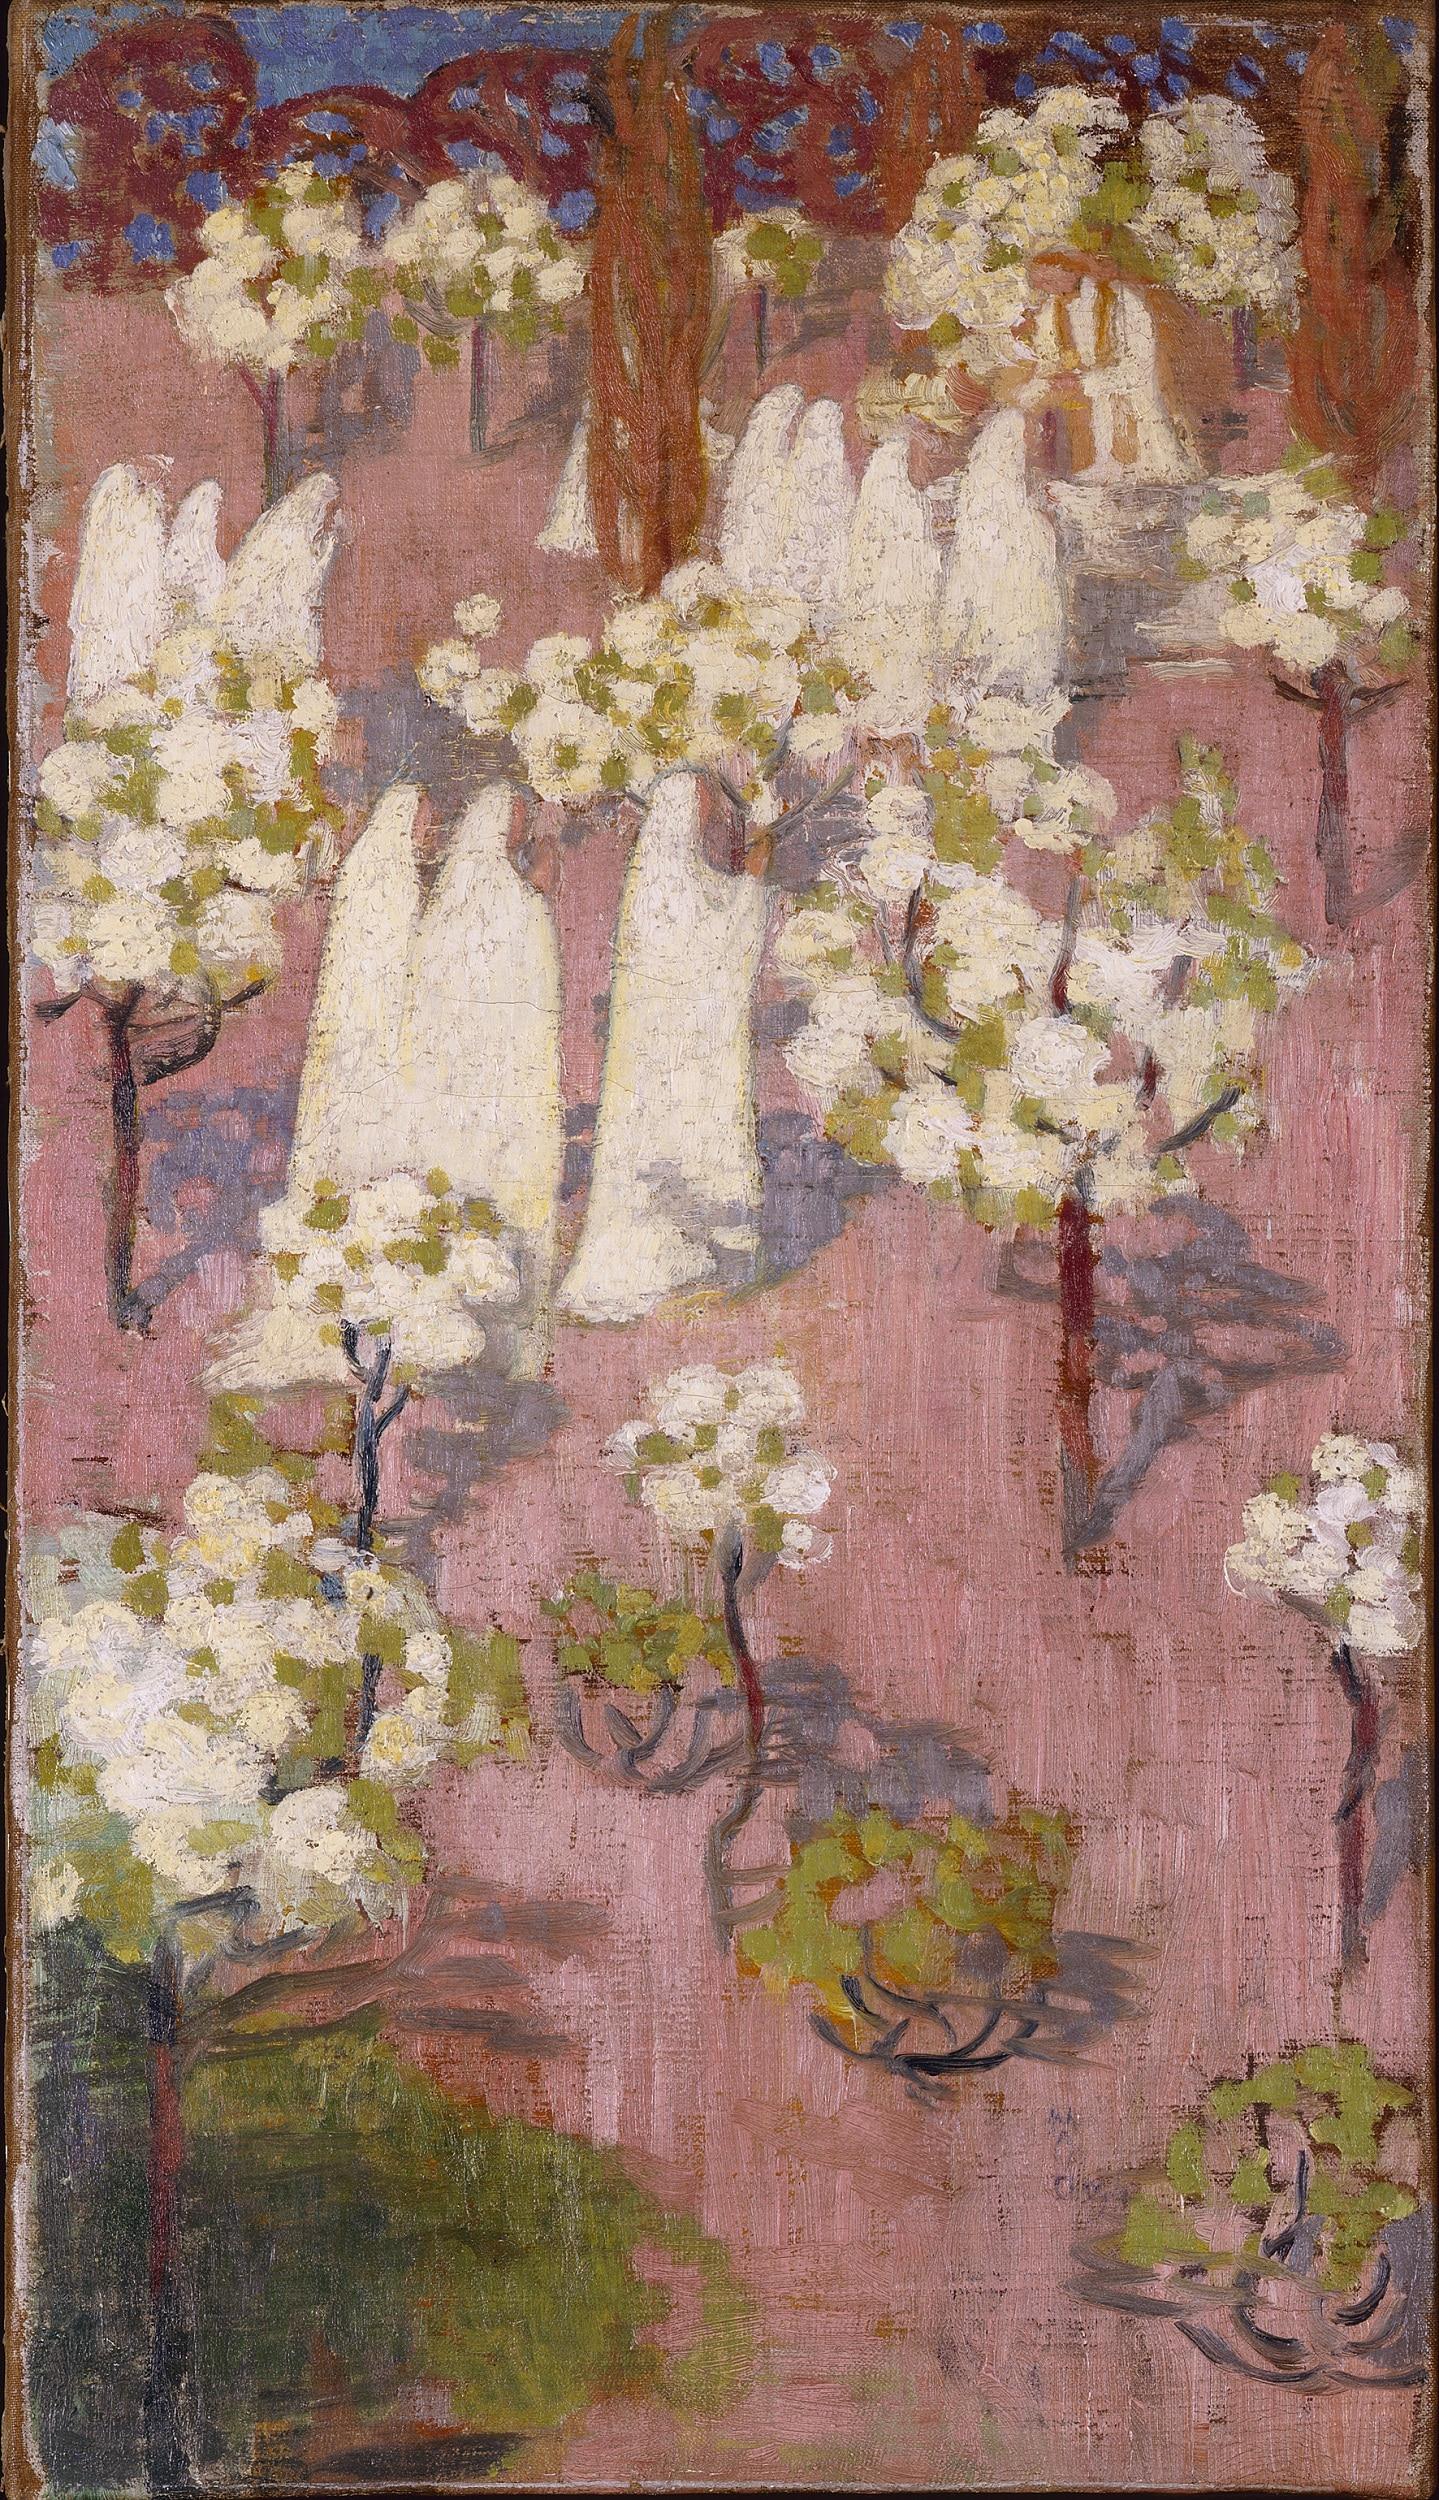 Maurice Denis, Virginal printemps (pommiers en fleur)